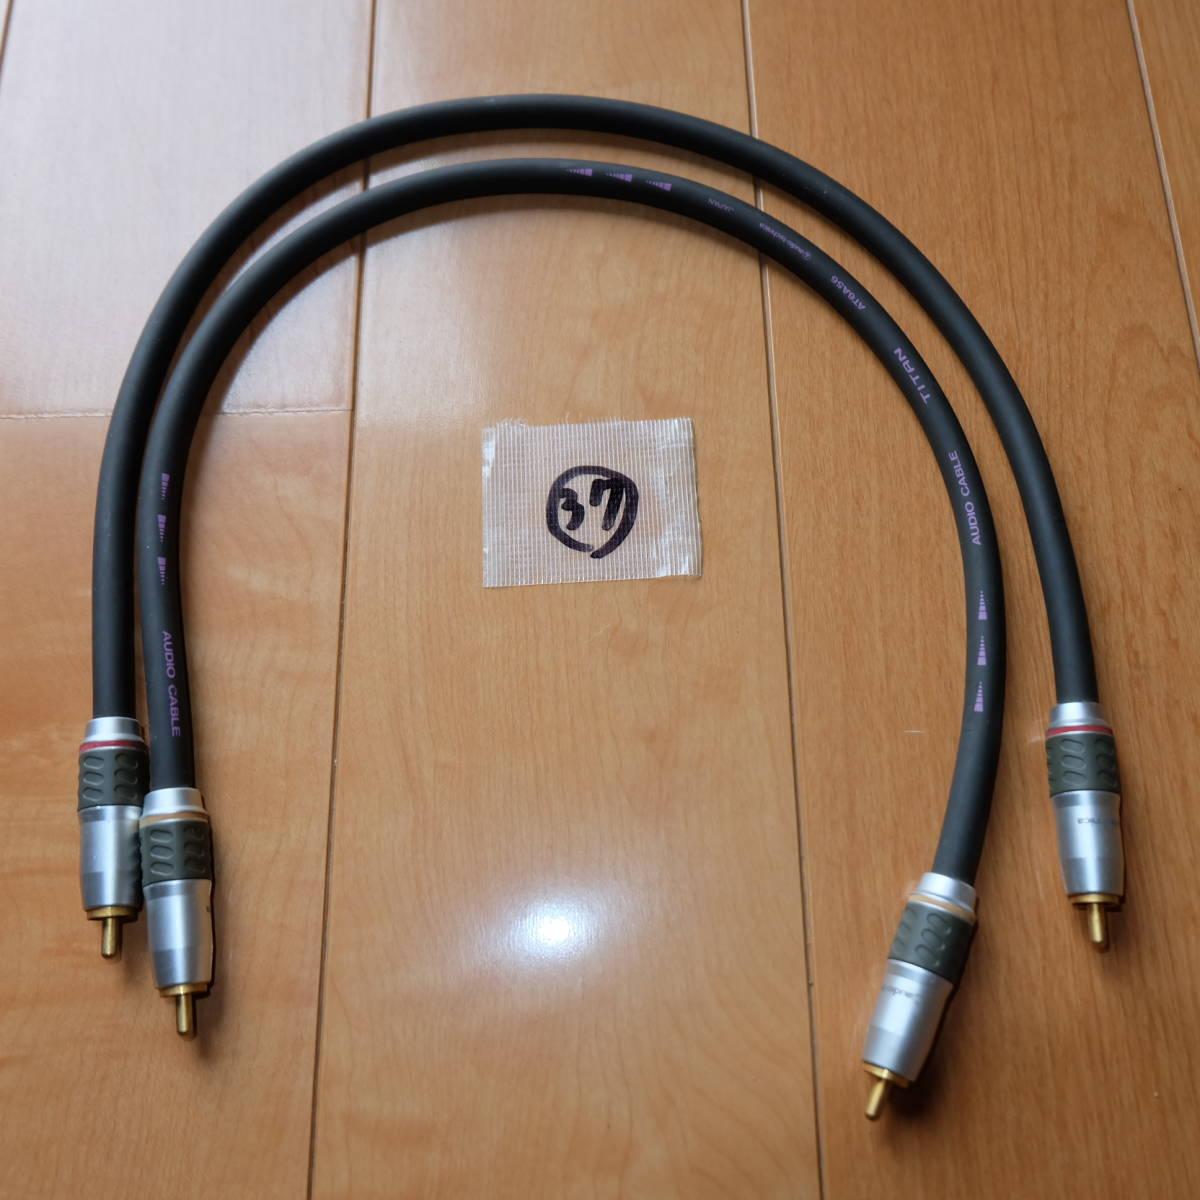 送180円 audio-technica オーディオテクニカ audio cable rcaケーブル ART LiNK アートリンク AT6A56/0.5 50cm ピンプラグ PCOCC Hi-OFC 37_画像1